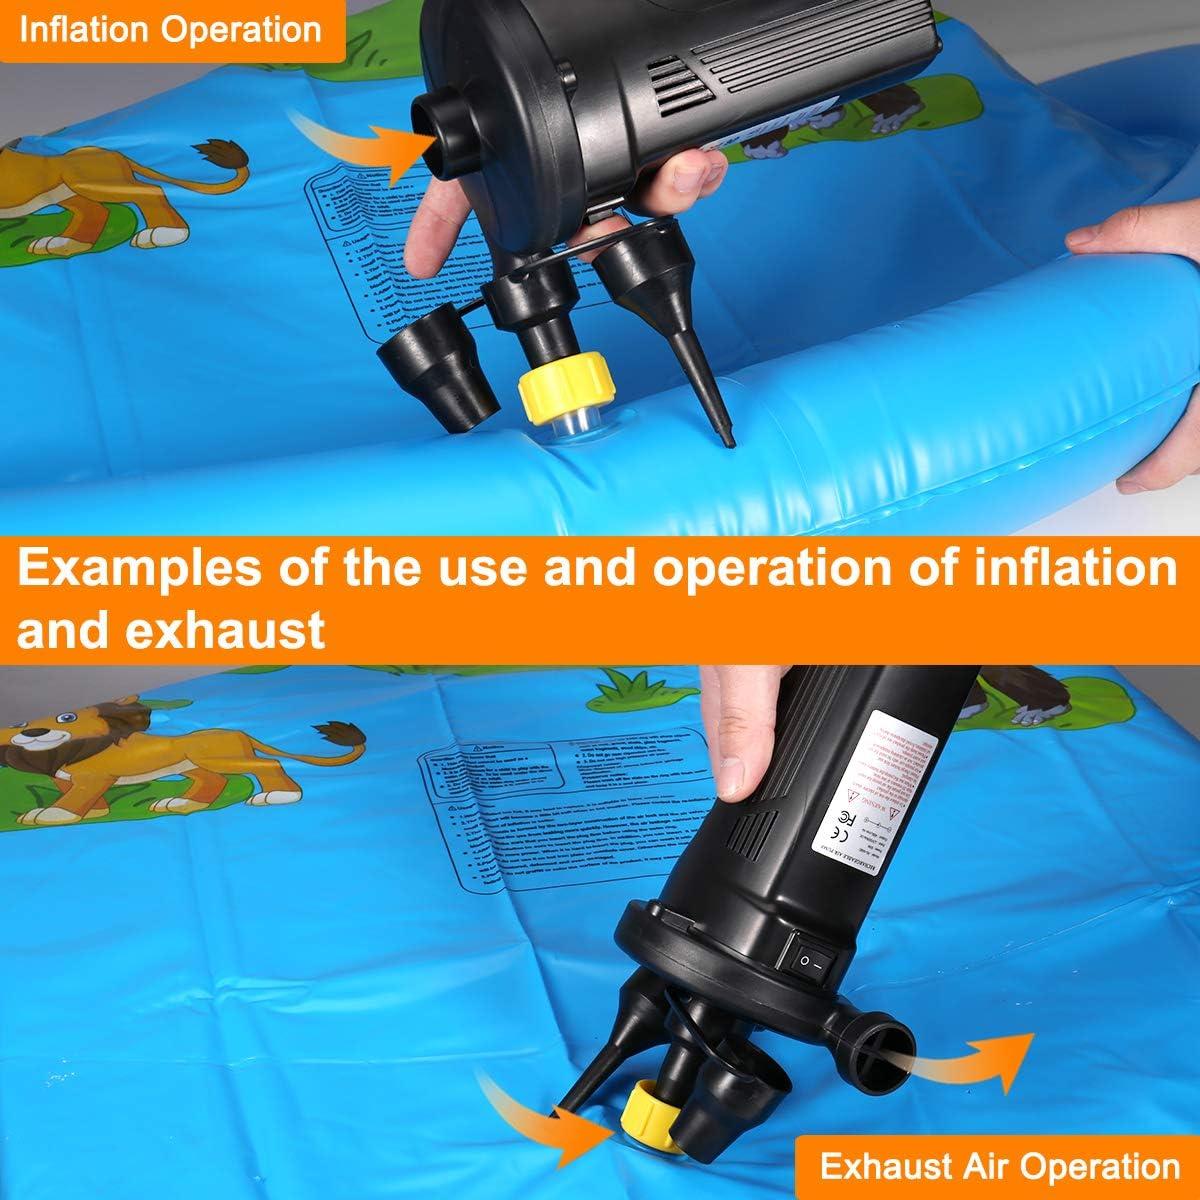 Inflador El/éctrico R/ápido para Inflar//Desinflar DC12V//AC240V con 3 Boquillas Incluidas Usado para Bolsas al Vac/ío Colch/ón Juguetes Car Piscinas Barcos ROTEK Bomba de Aire El/éctrica